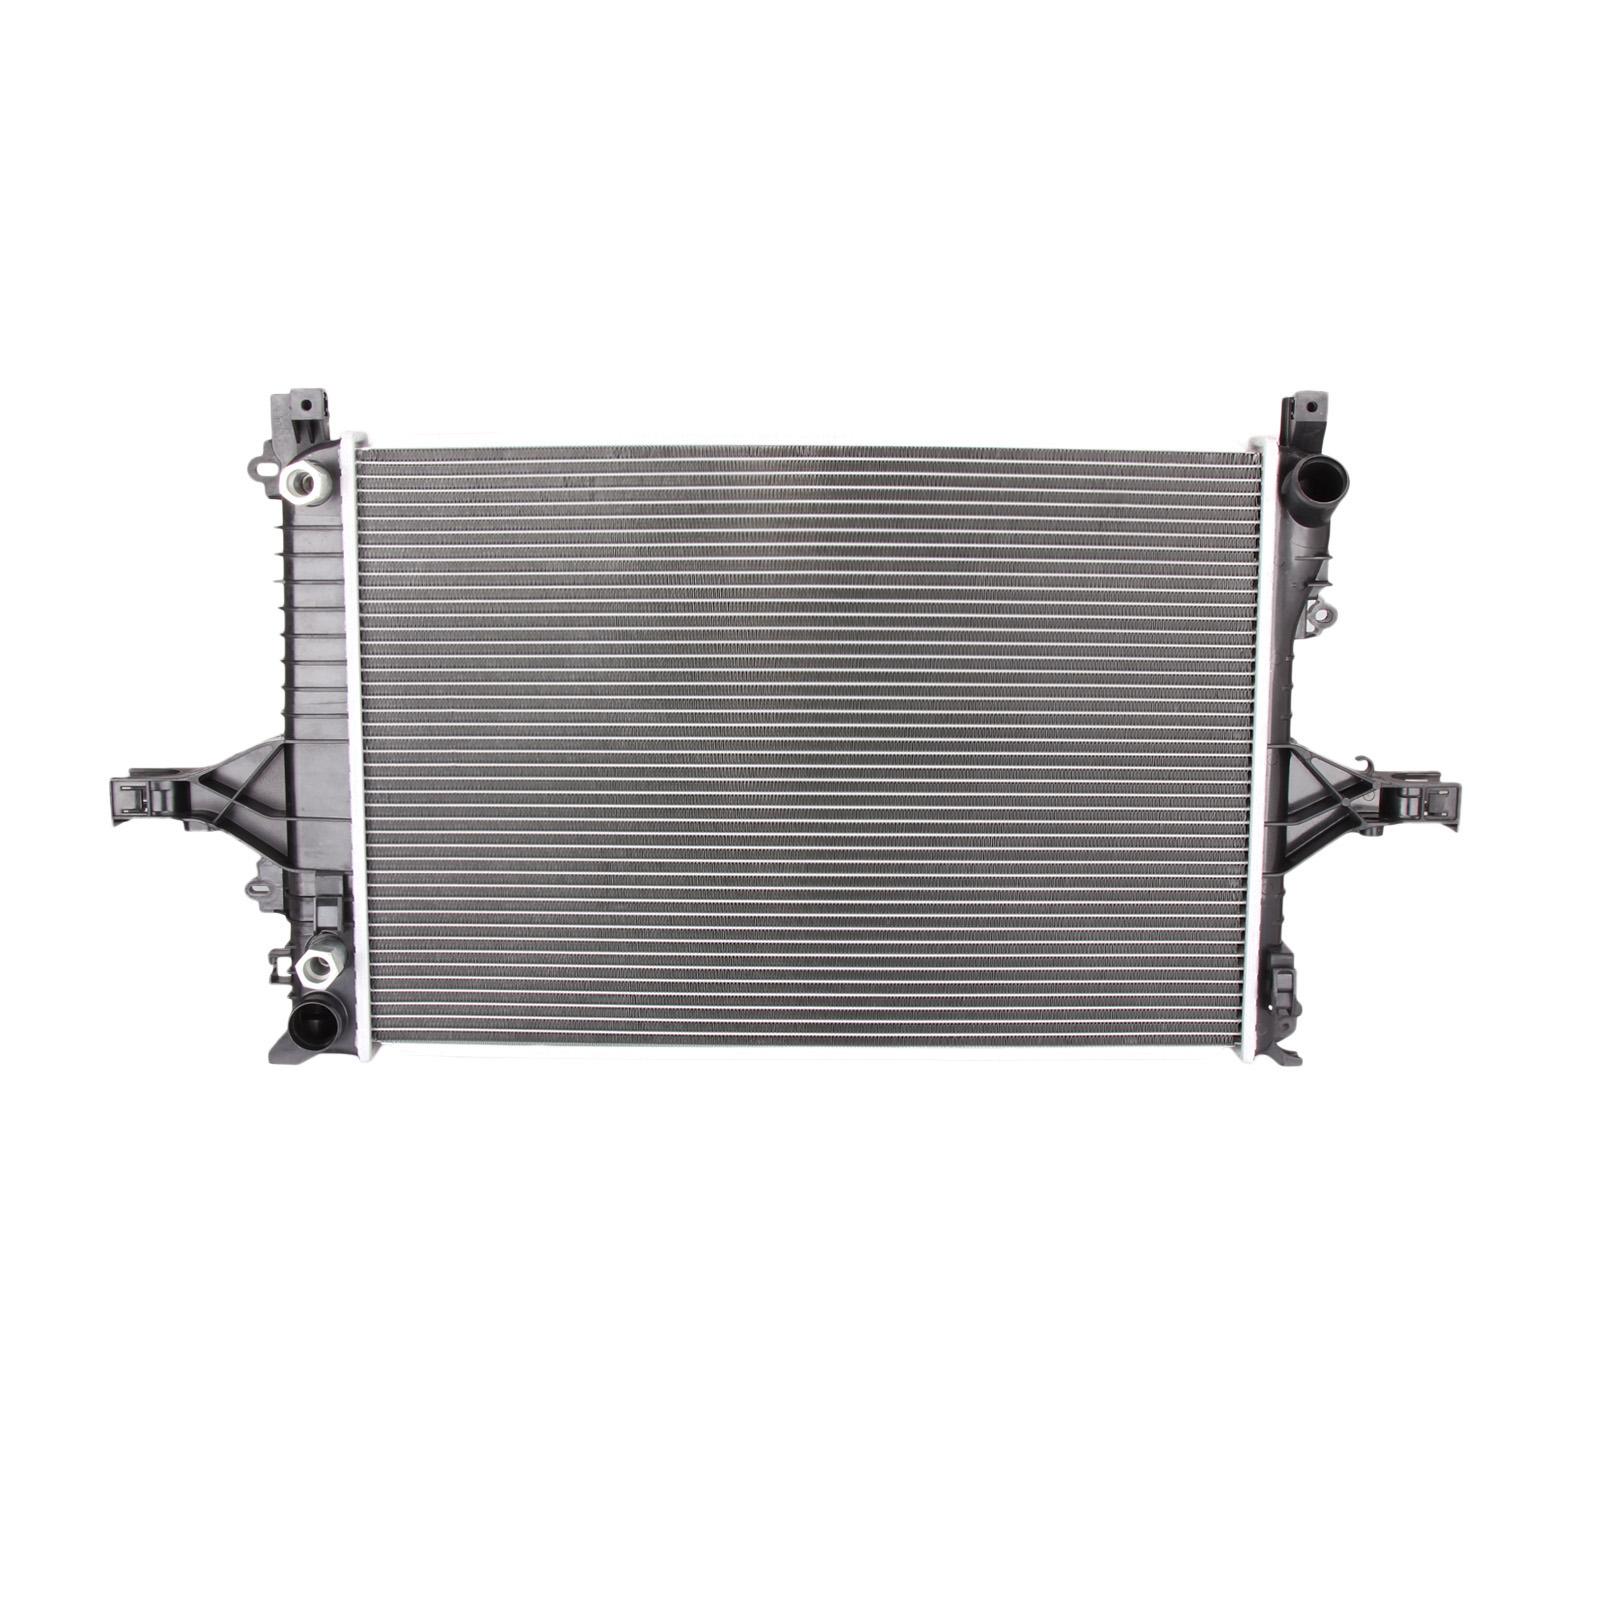 Dromedary Radiator Volvo S60 S70 V70 S80 XC70 2.0 2.3 2.4 2.5 2.8 2.9 Check Detail Down VOLVO RADIATOR image2